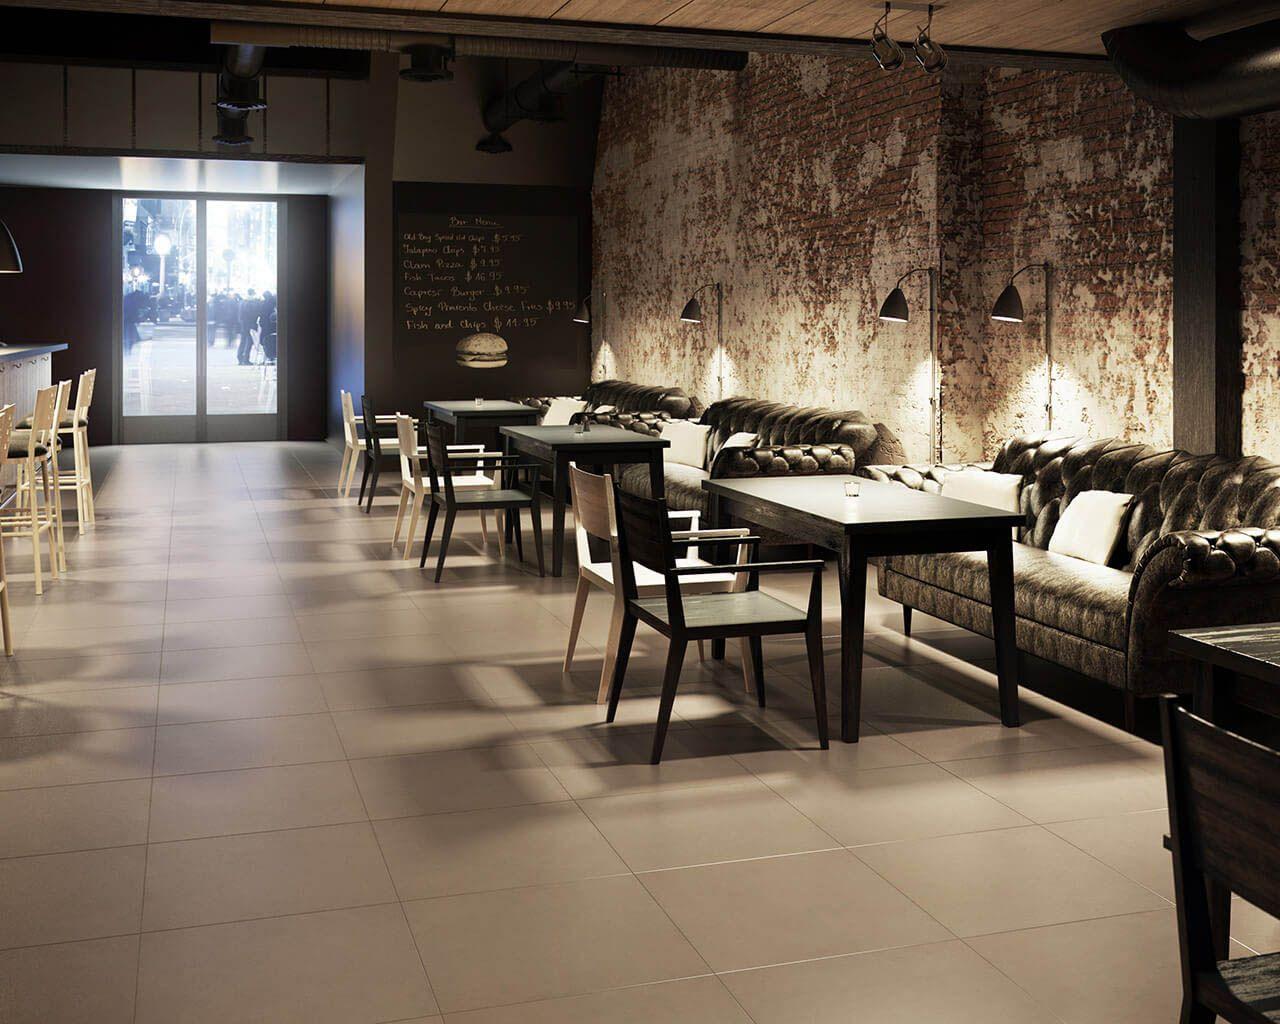 Stilvoll Wohnung Braun ~ Stilvolle moderne bar in gemütlichem braun und grau ceramika